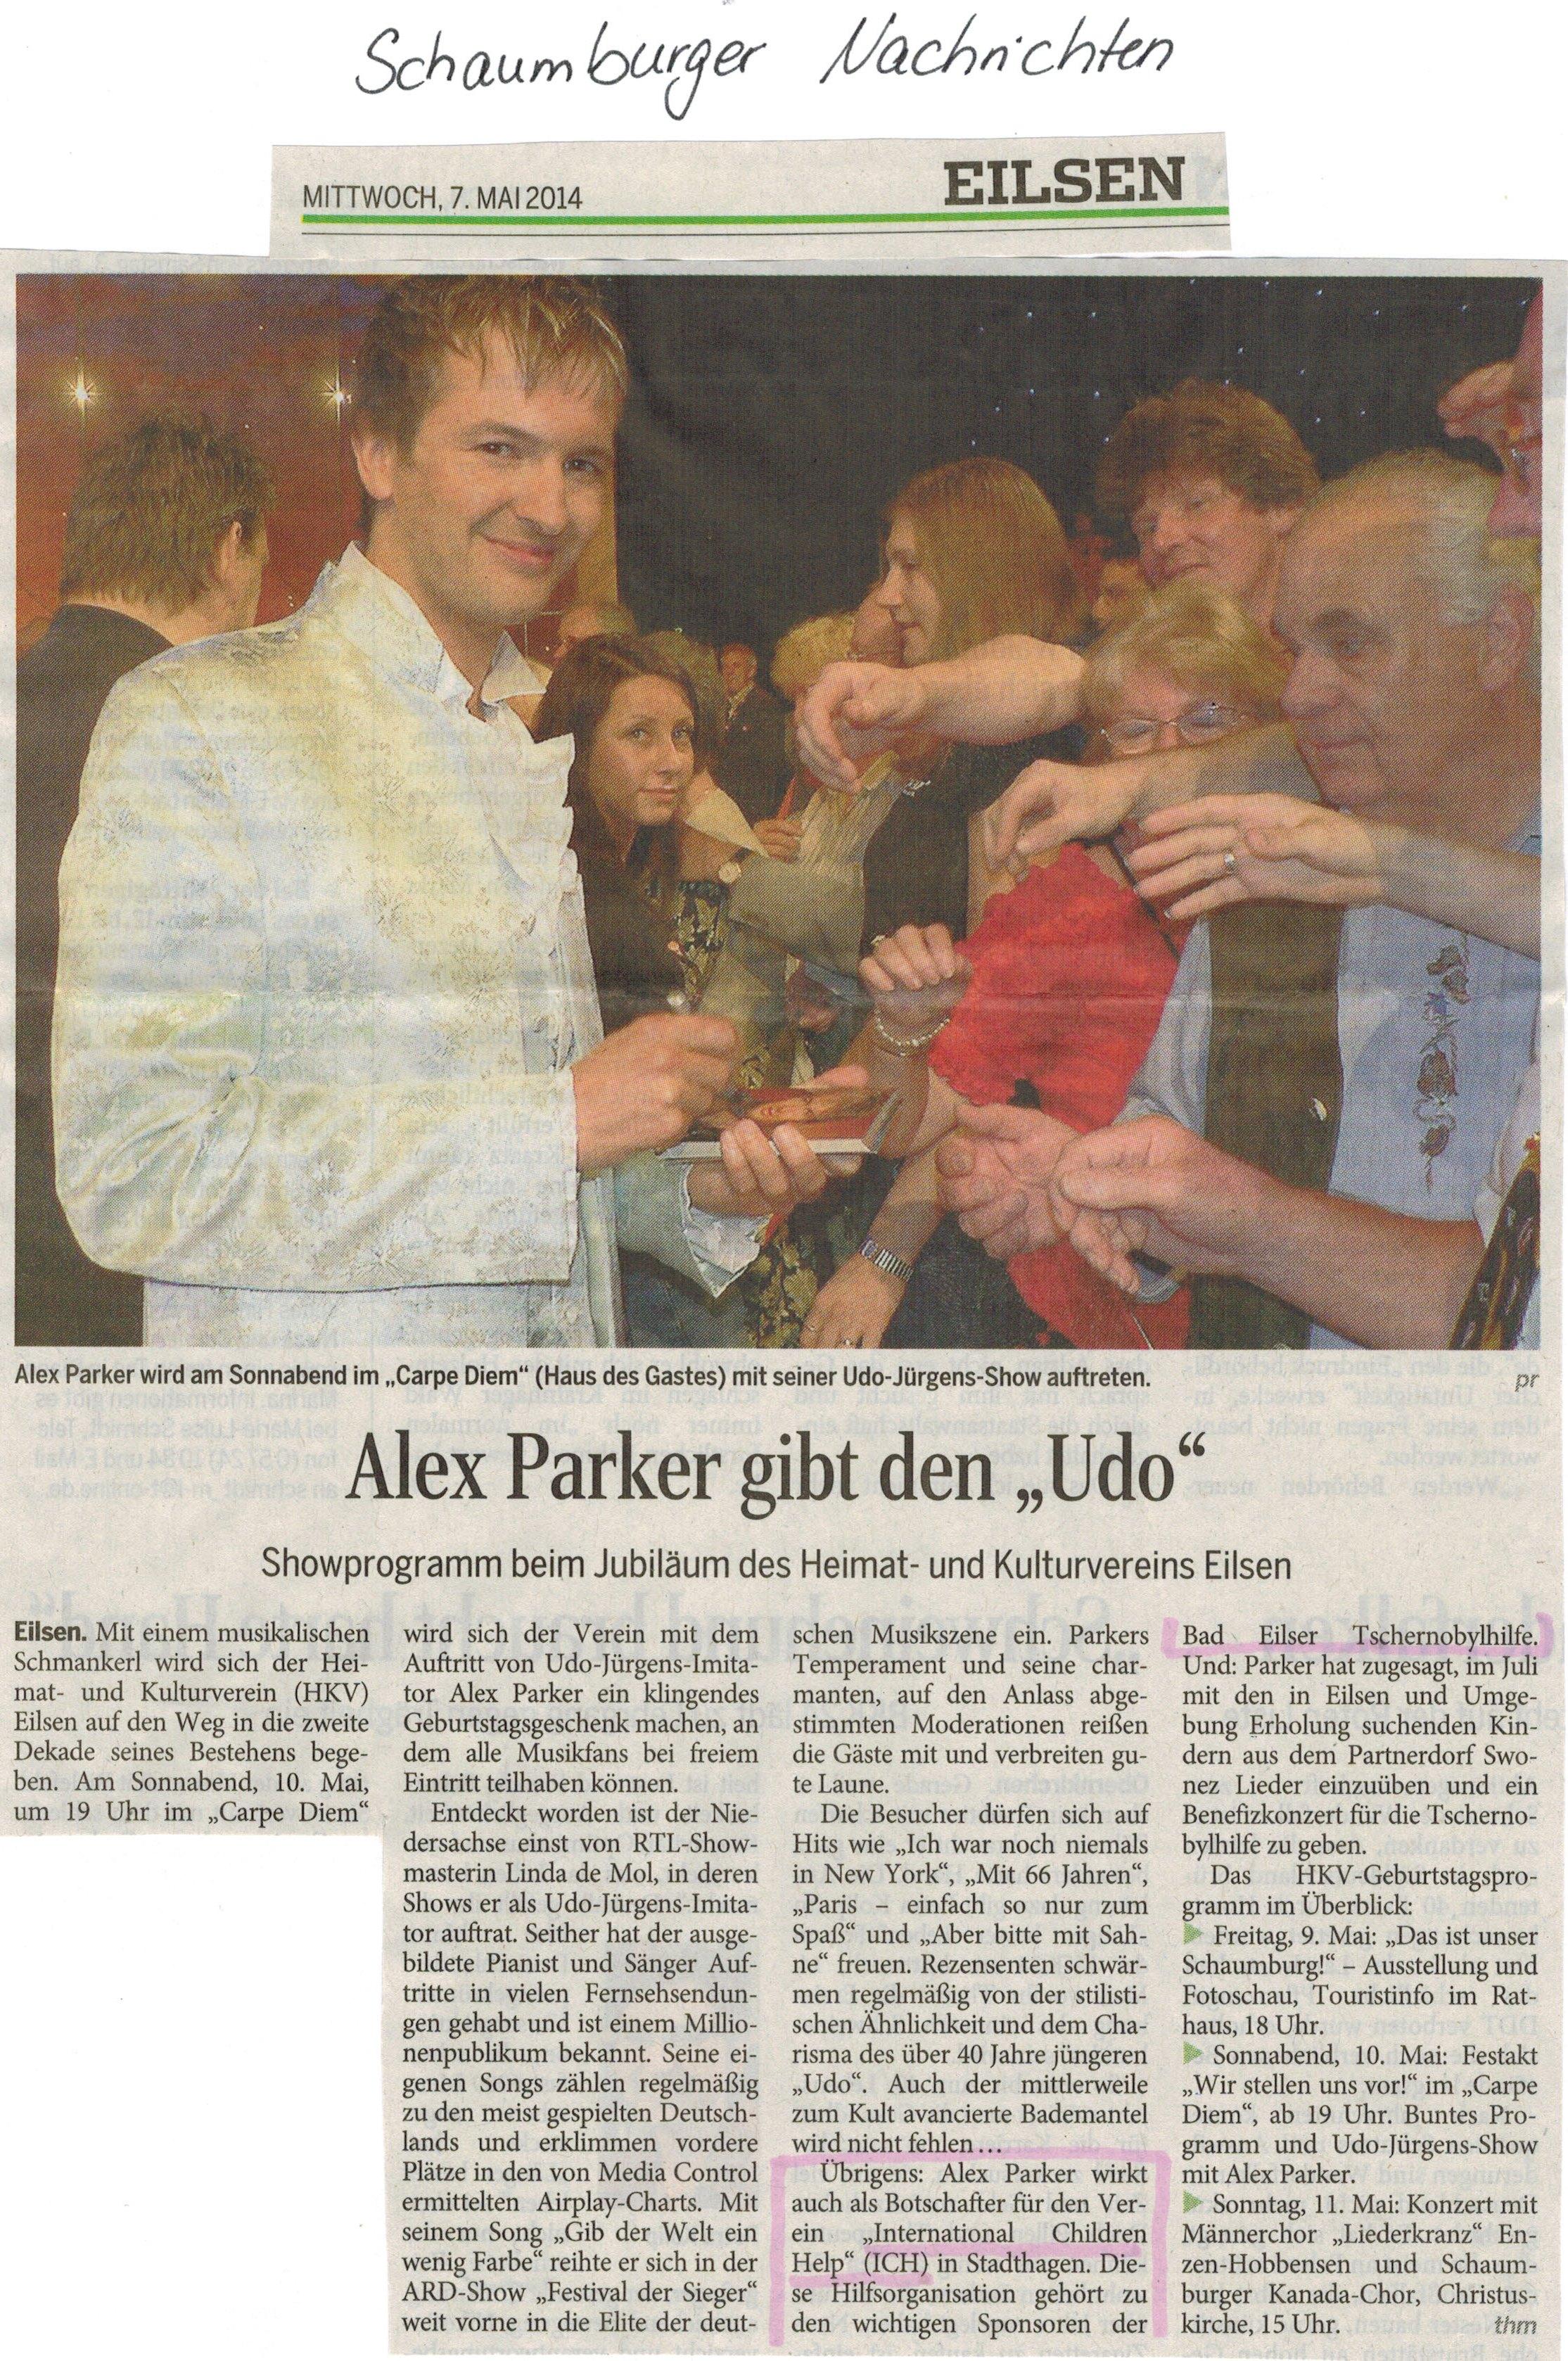 2014-05-12 Alex Parker gibt den Udo